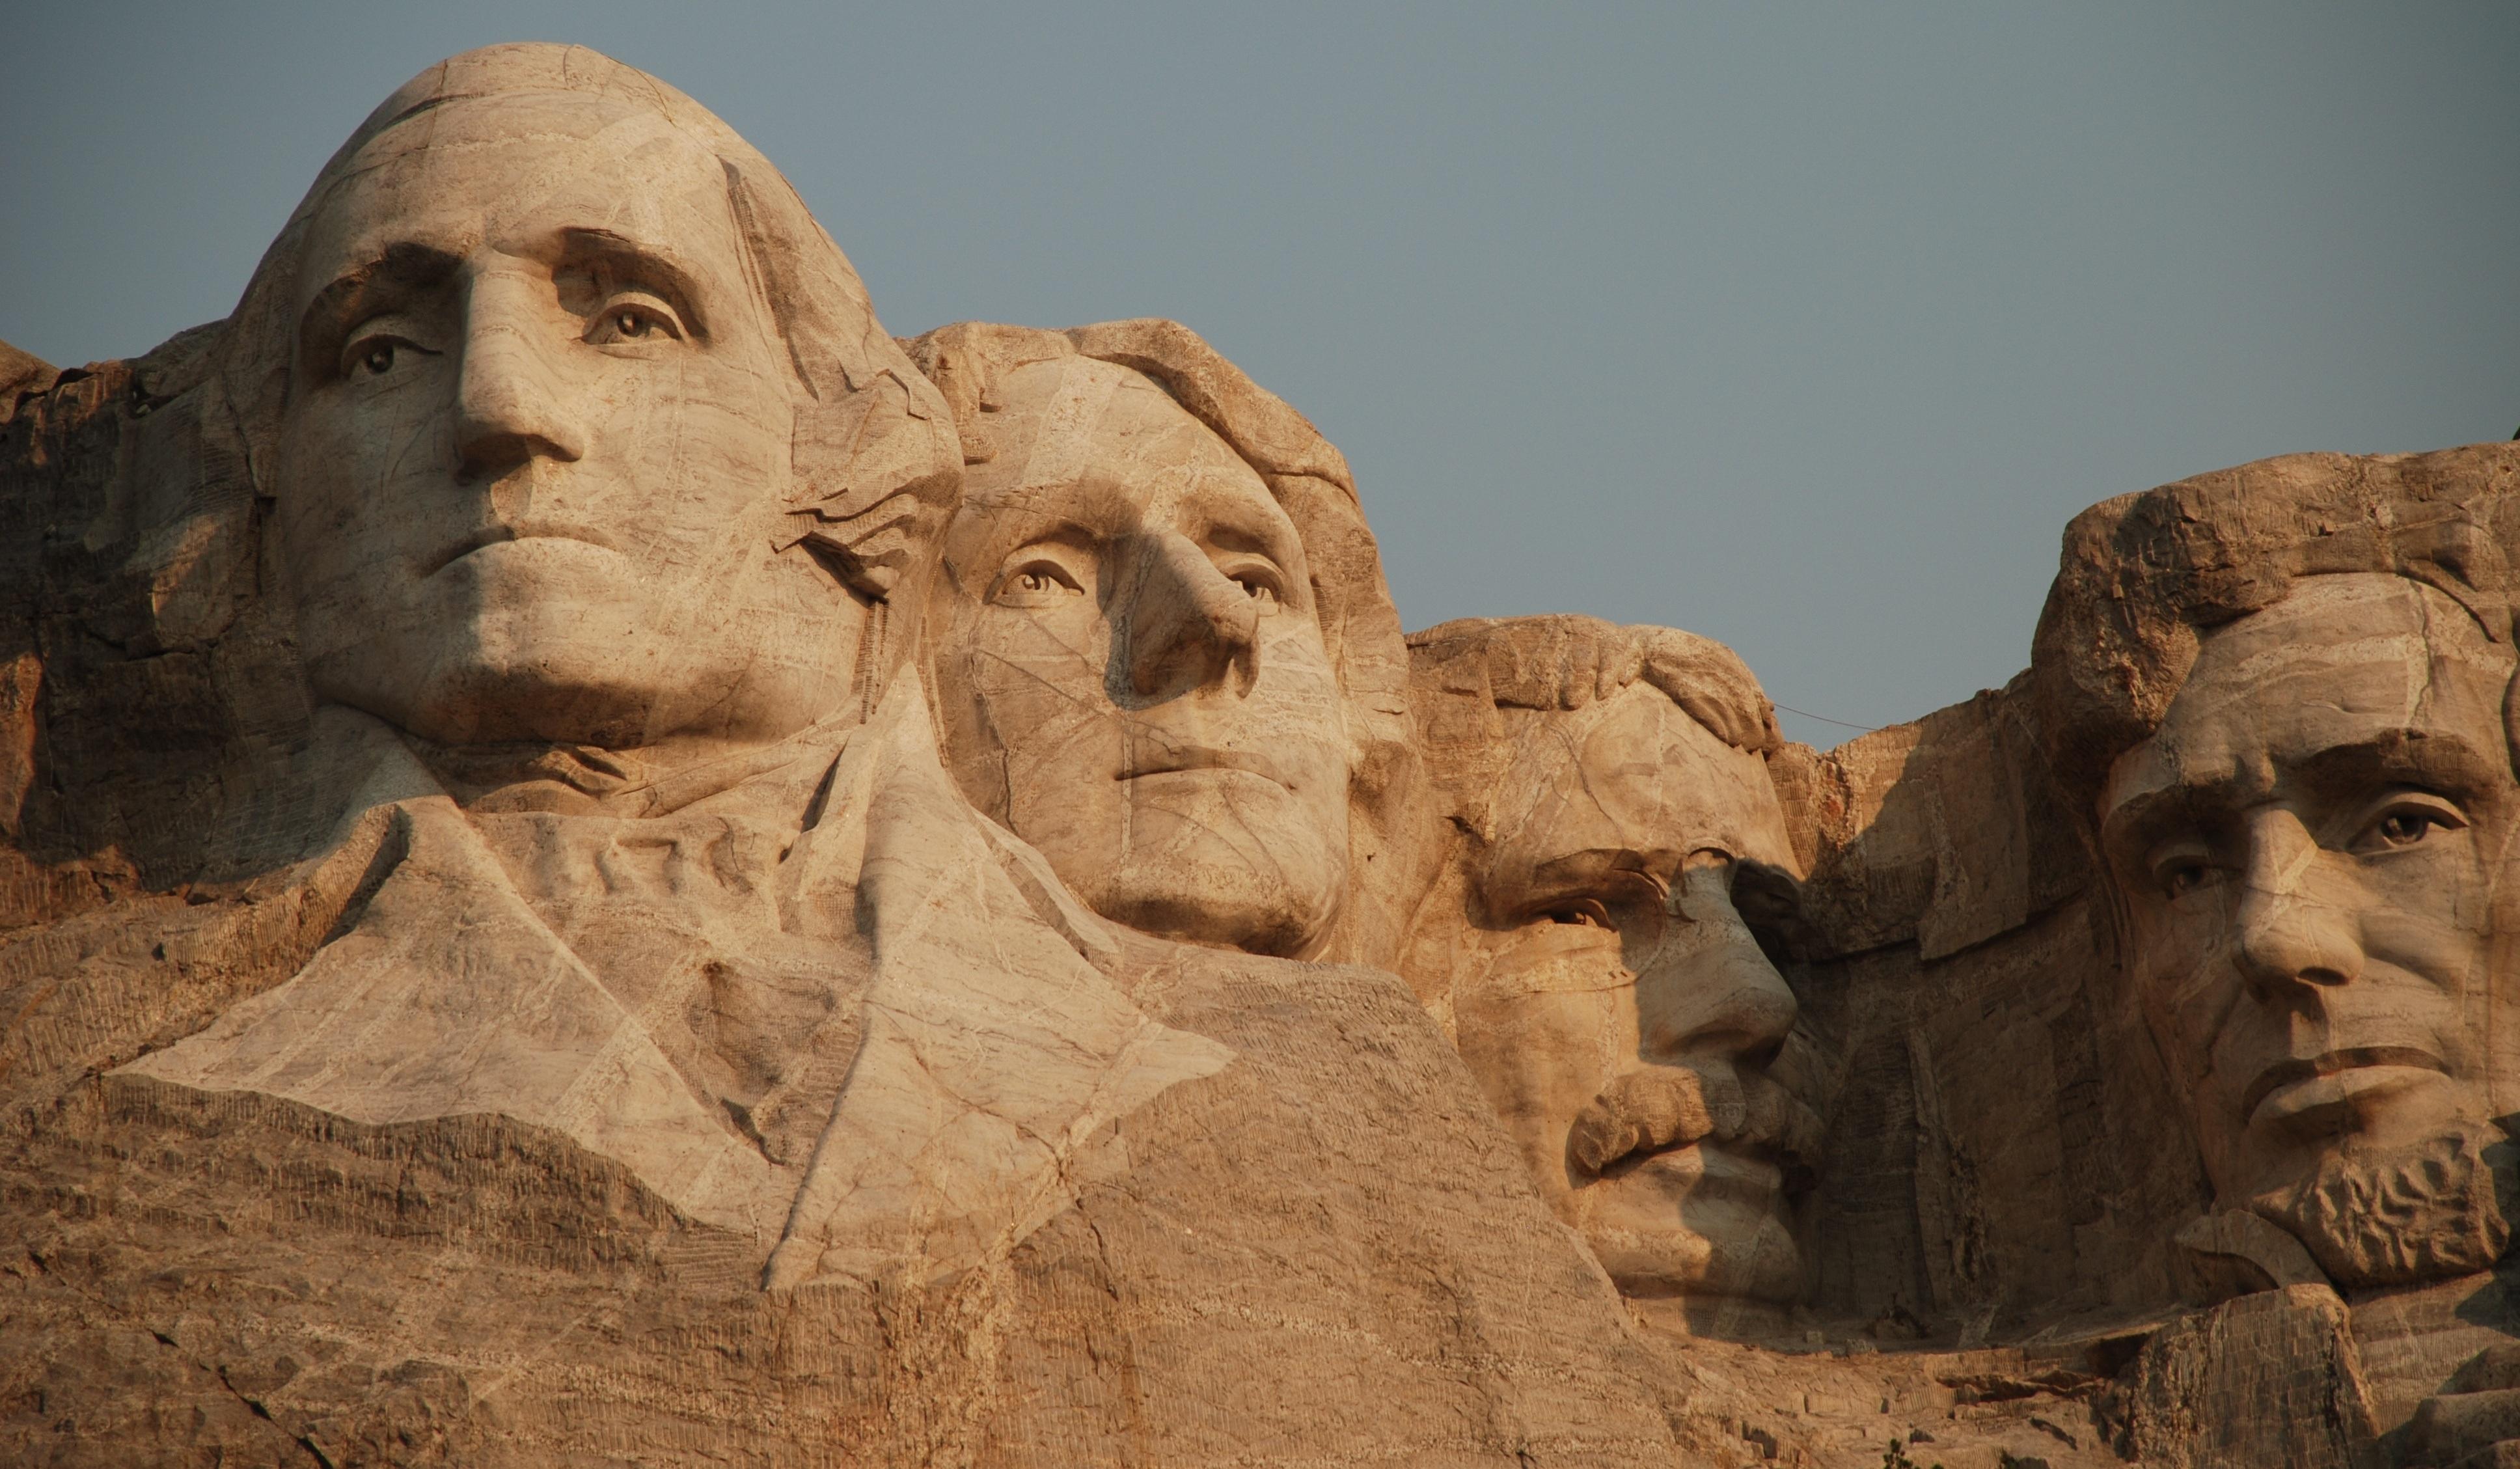 Fotos gratis : paisaje, arena, rock, montaña, Monumento, formación ...